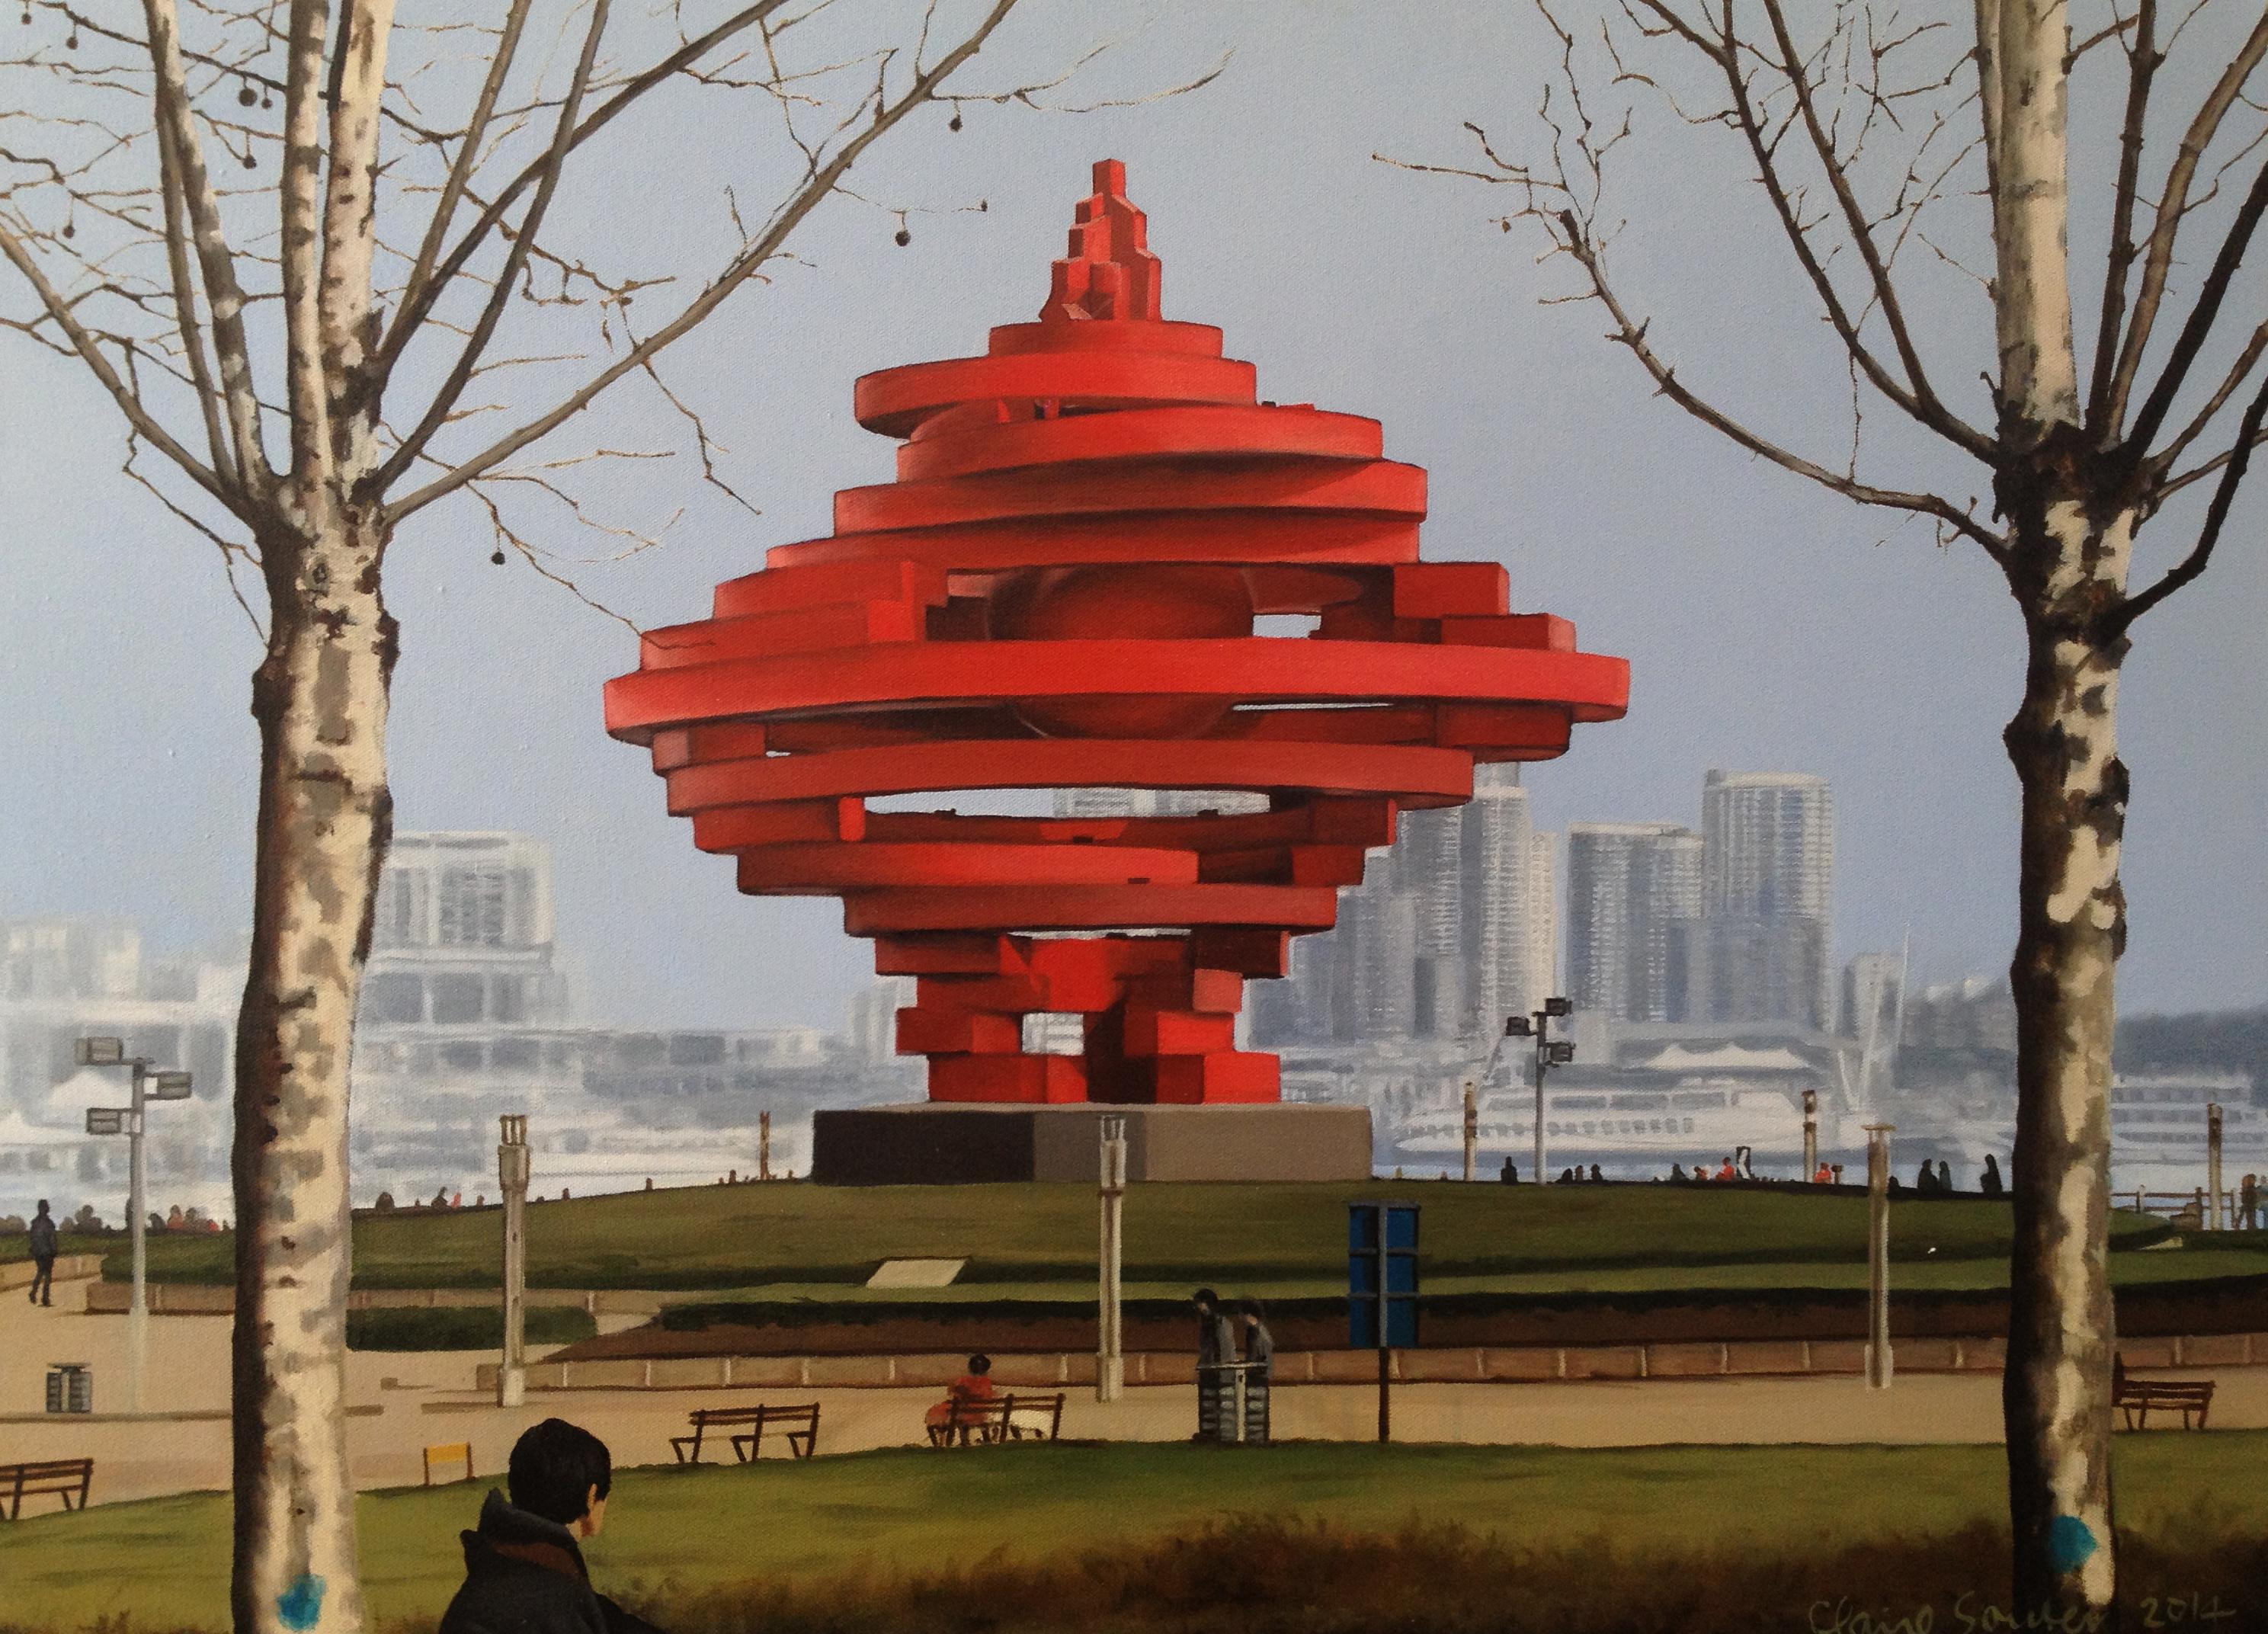 Qingdao monument